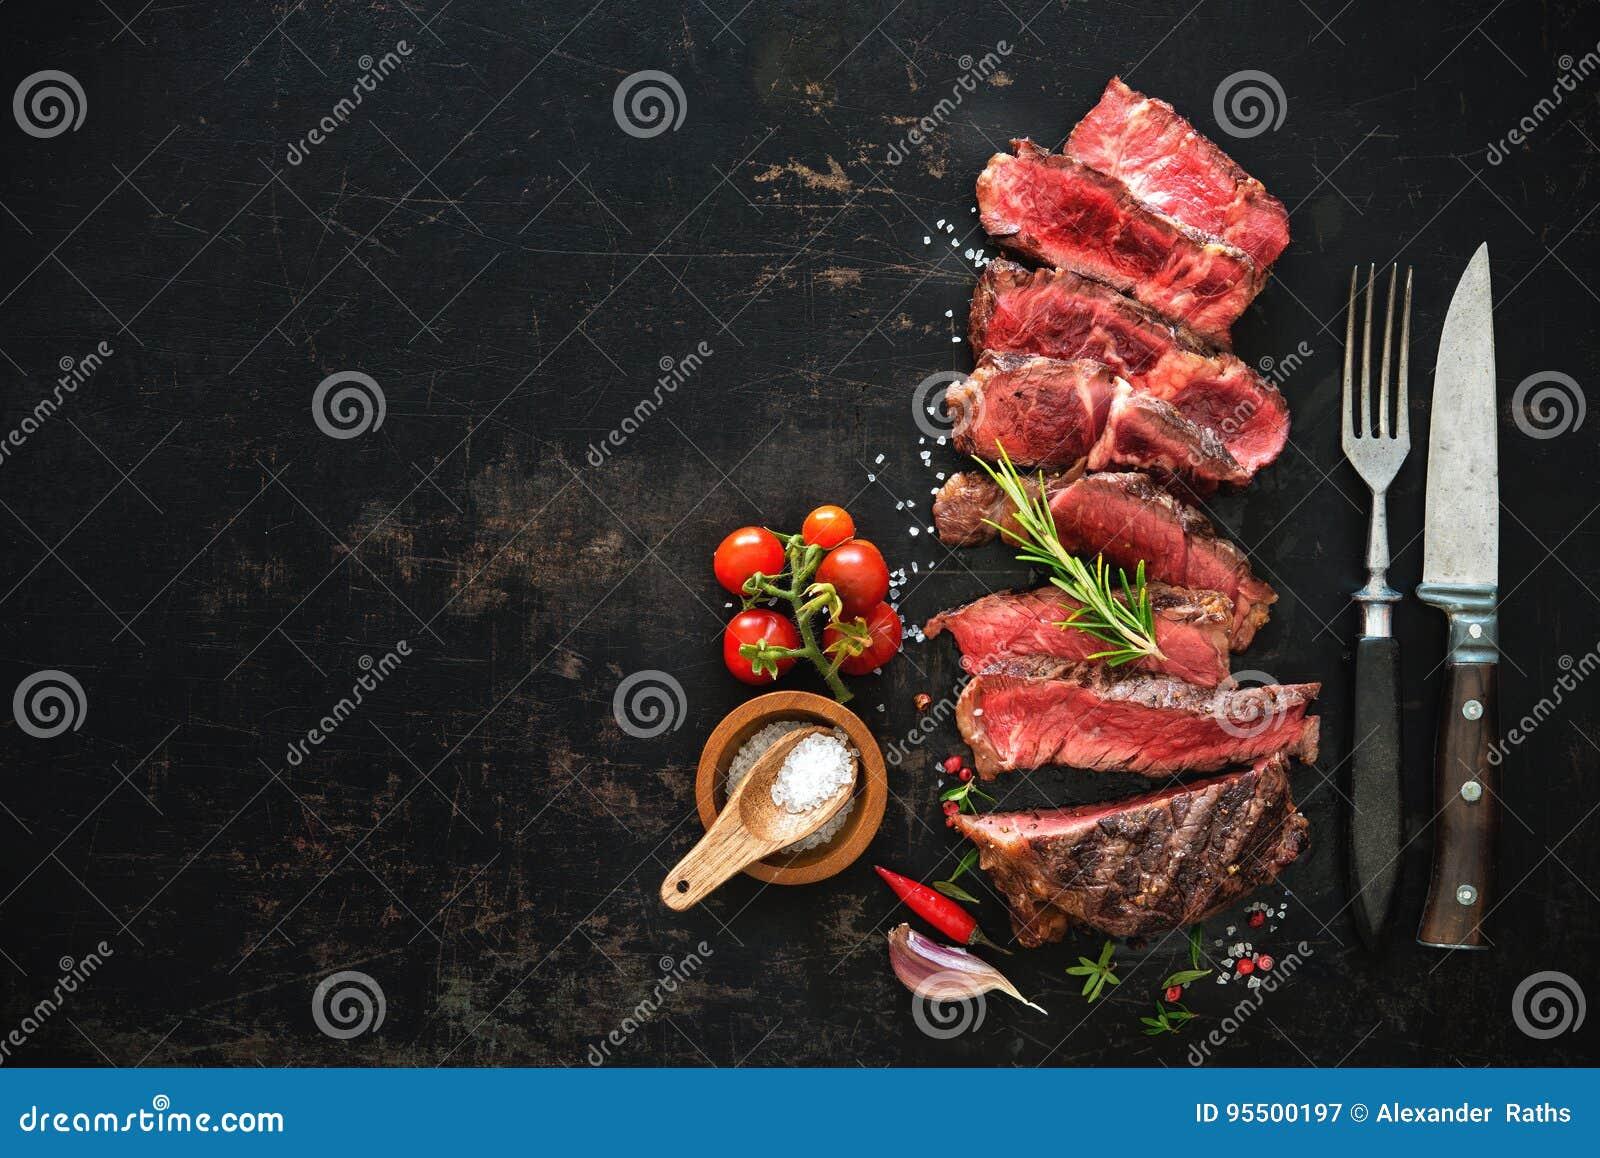 Geschnittenes halb gares gegrilltes Rindfleisch ribeye Steak